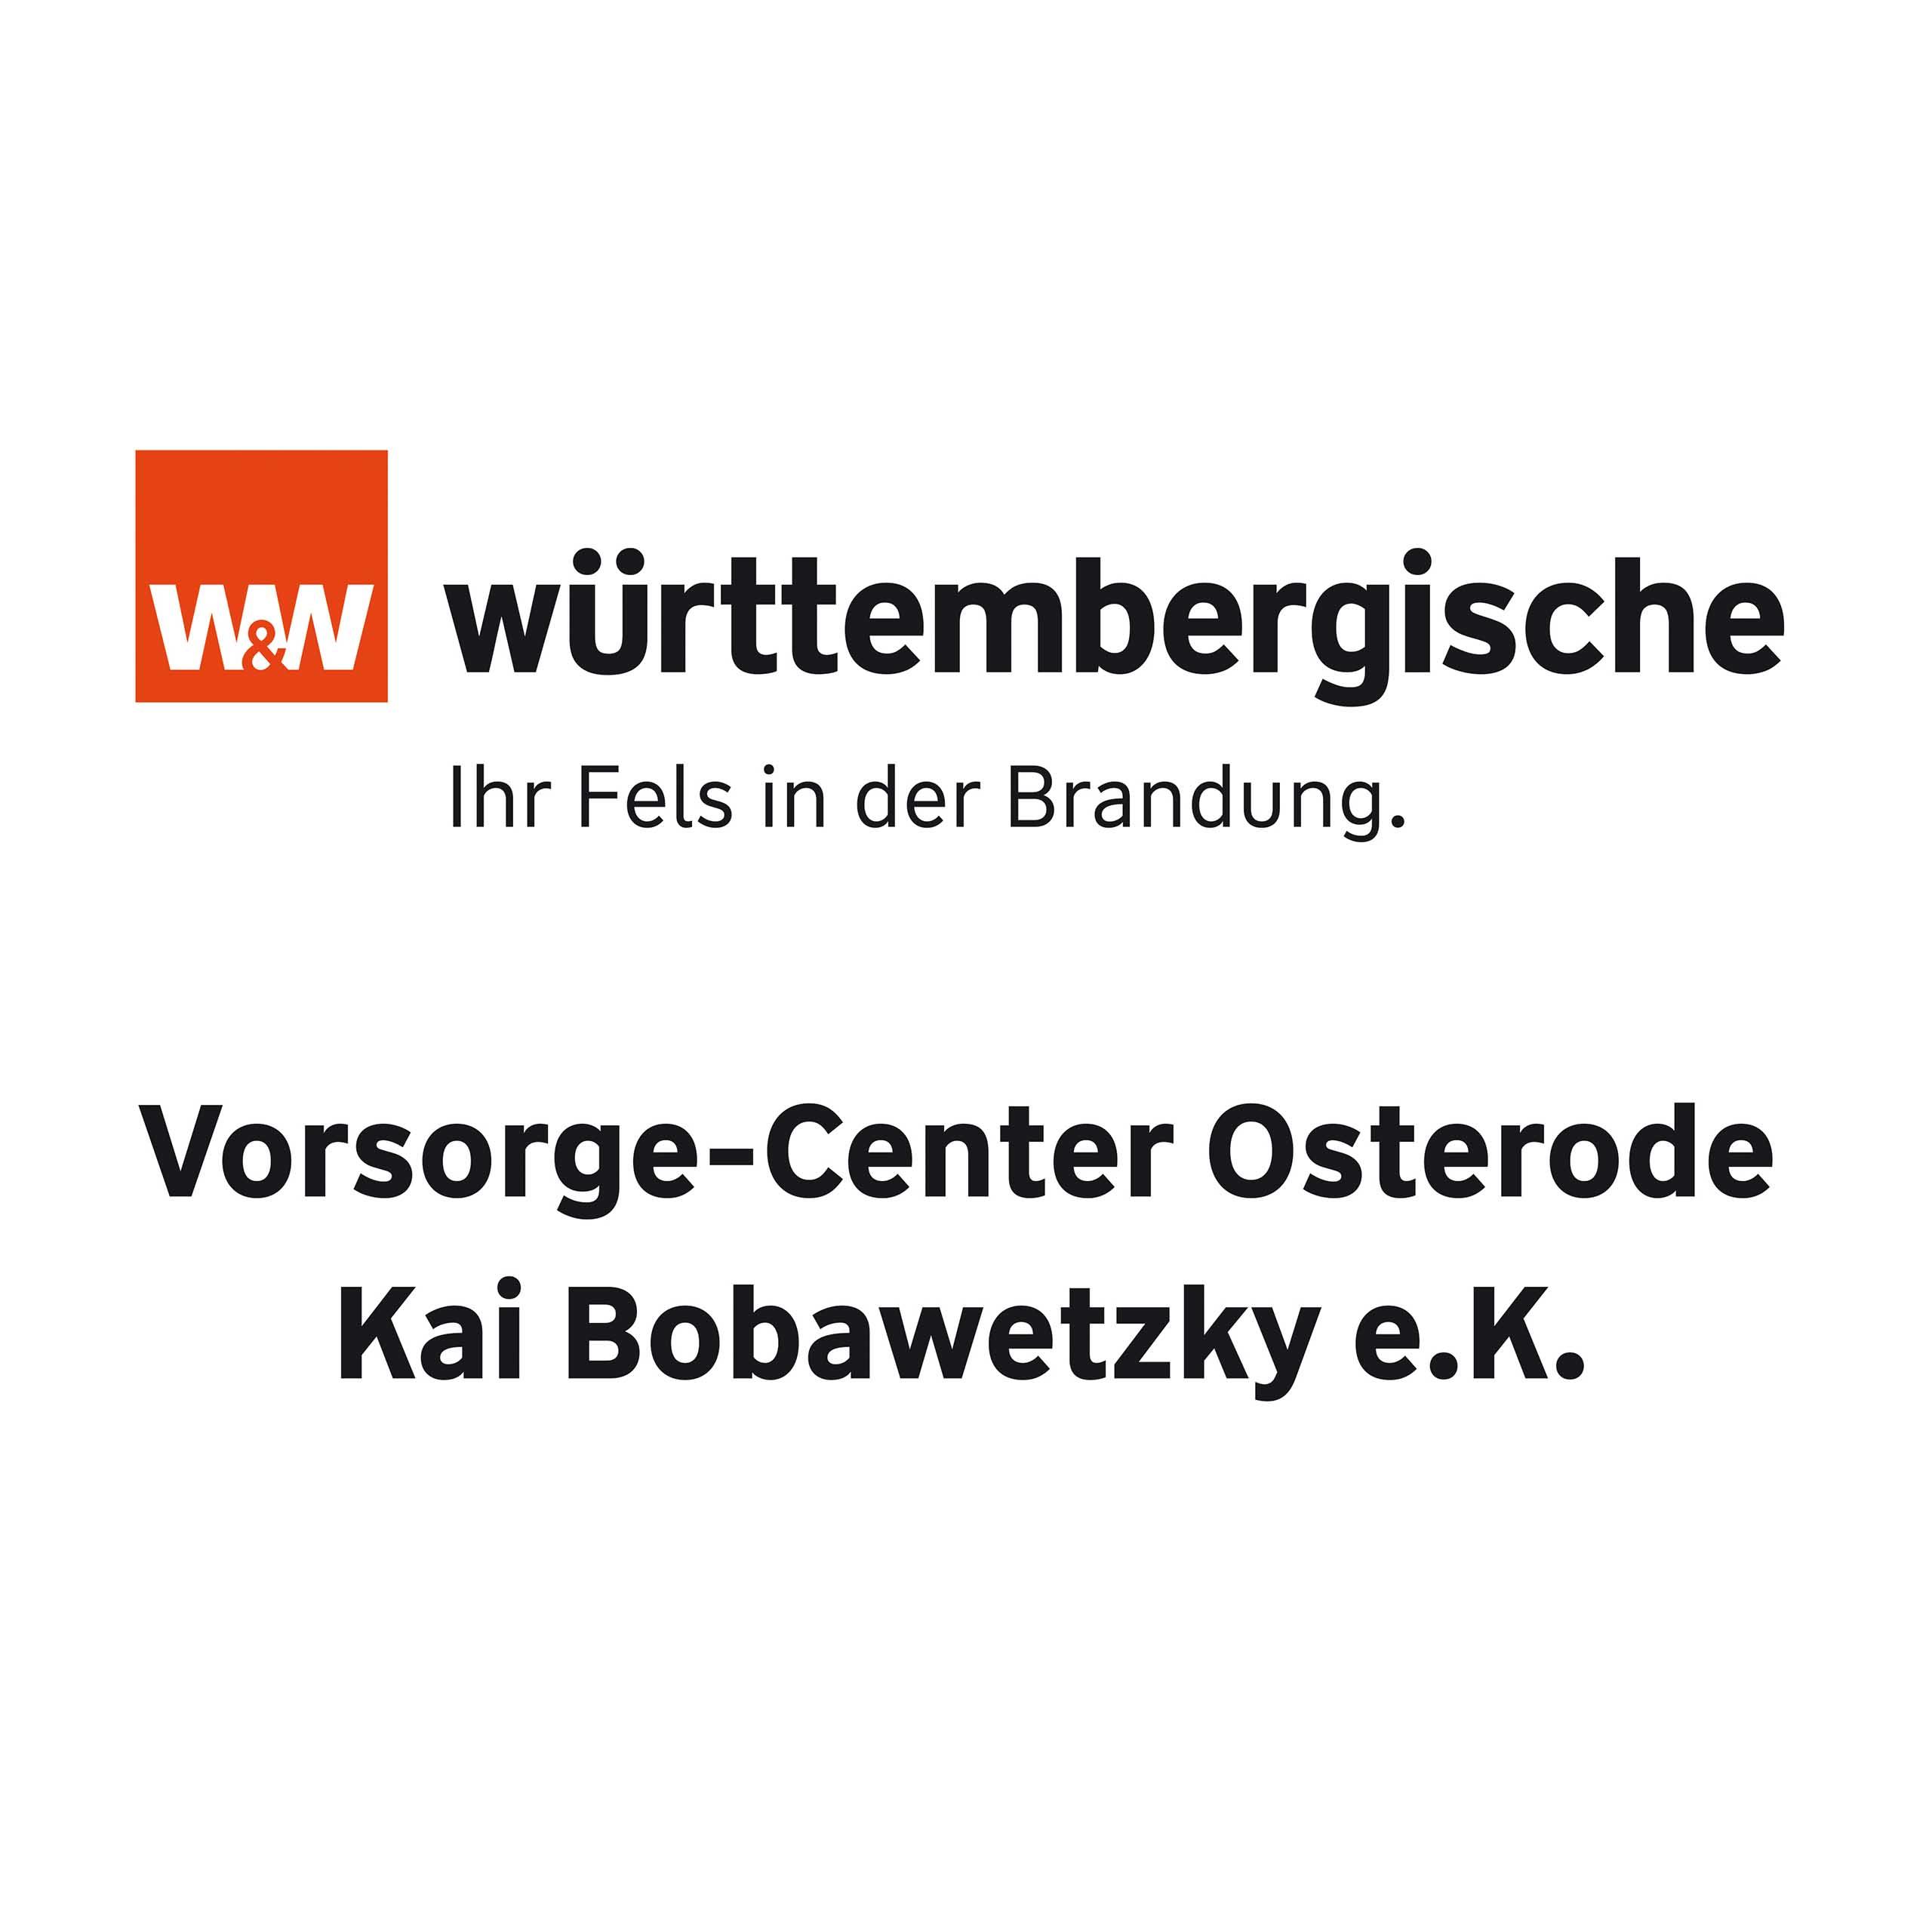 https://tuspopetershuette.de/wp-content/uploads/2020/01/kai.jpg